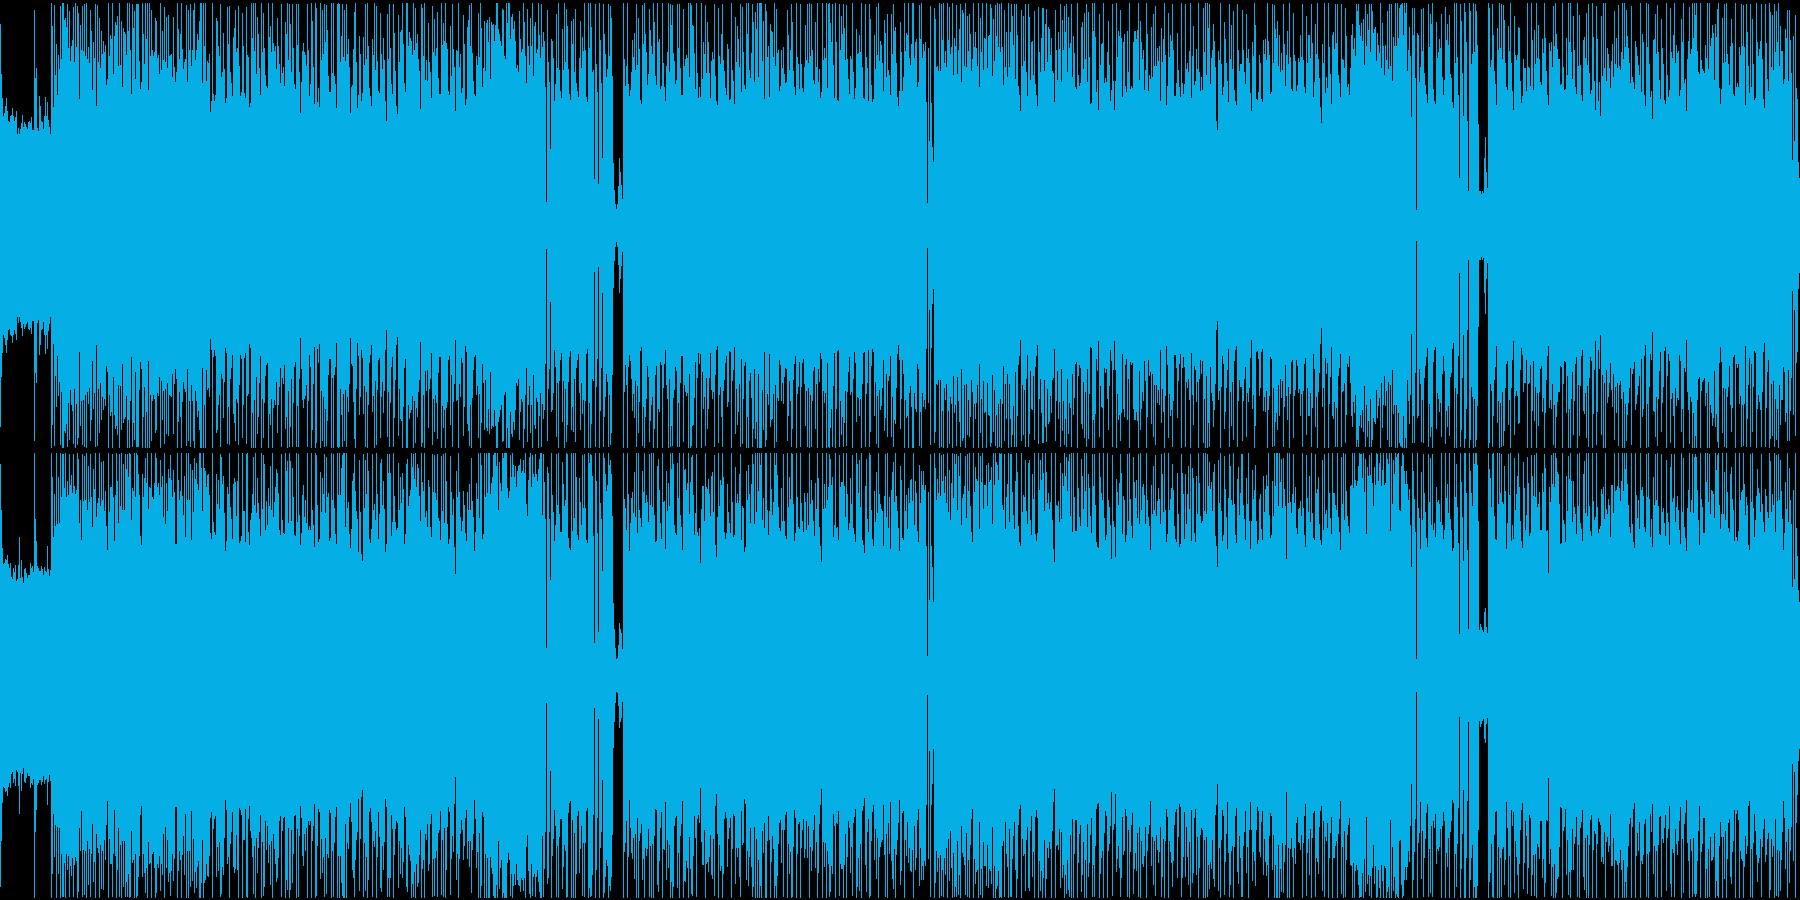 シンプルで熱い疾走感のあるロックループの再生済みの波形